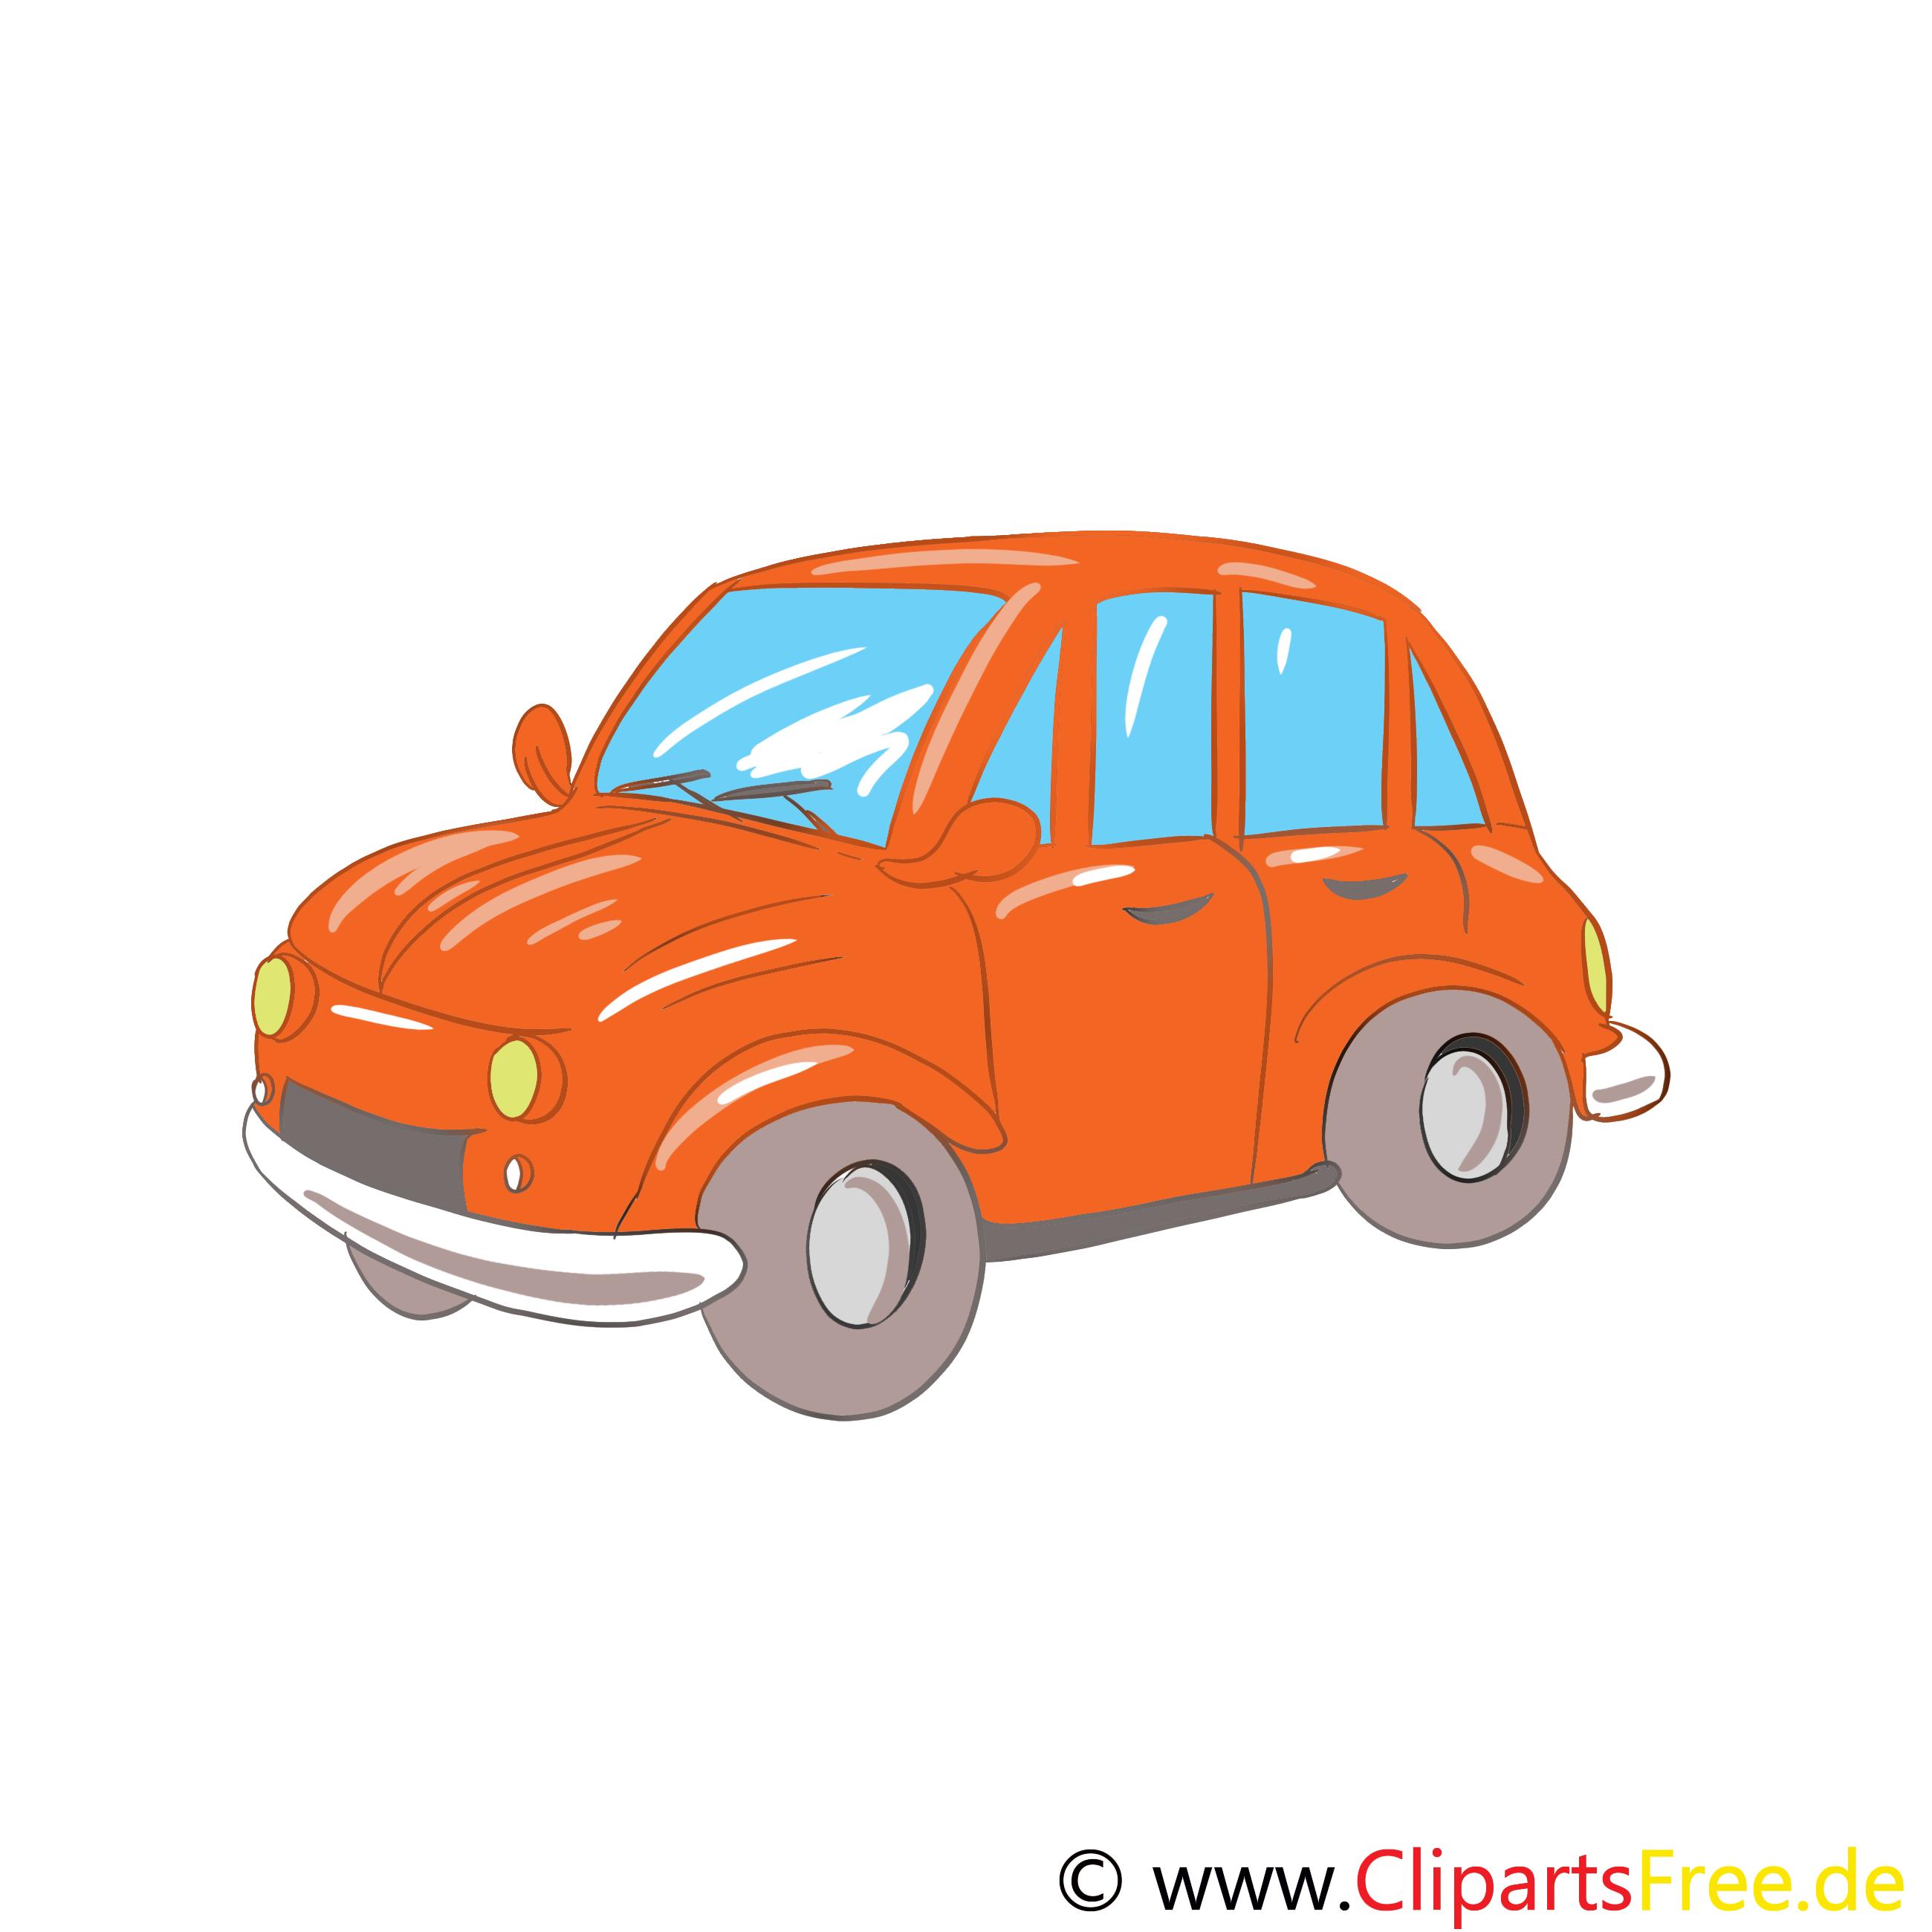 Voiture dessin gratuit t l charger voitures dessin picture image graphic clip art - Image voiture dessin ...